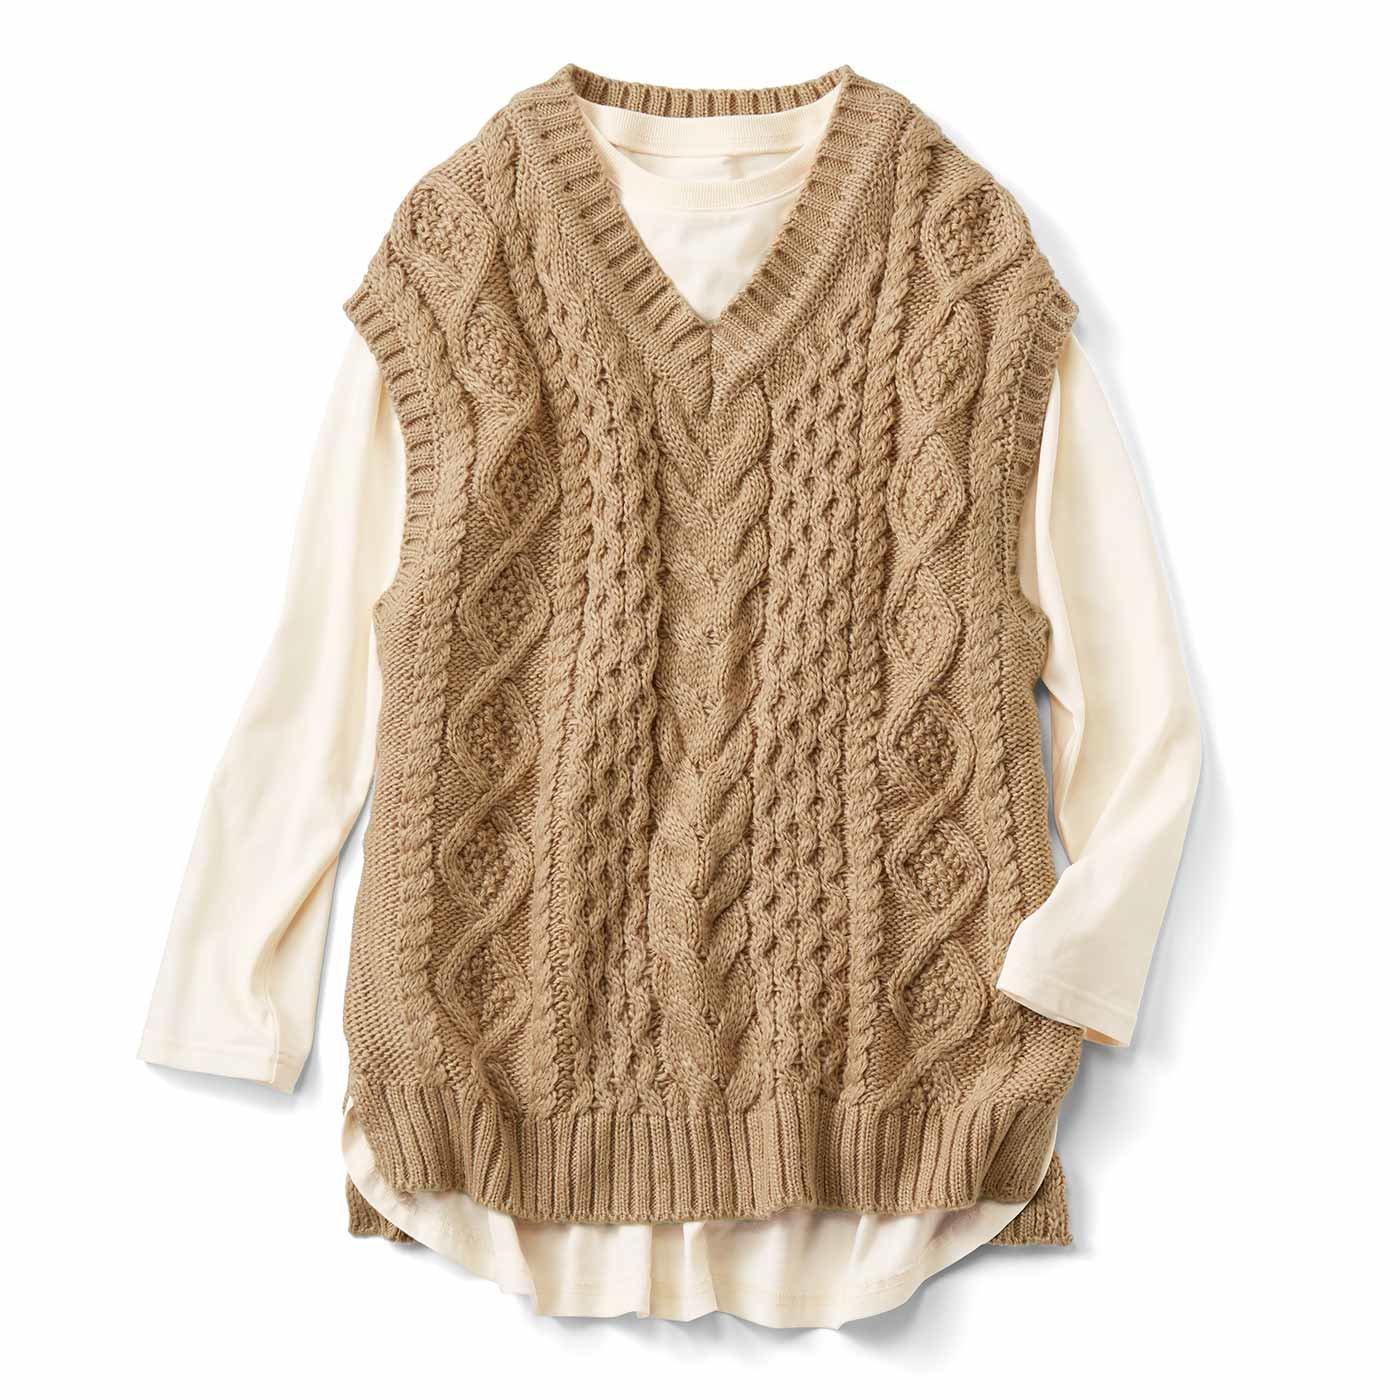 リブ イン コンフォート 着るだけで旬バランス! ざっくり編みのニットベストセット〈ベージュ〉